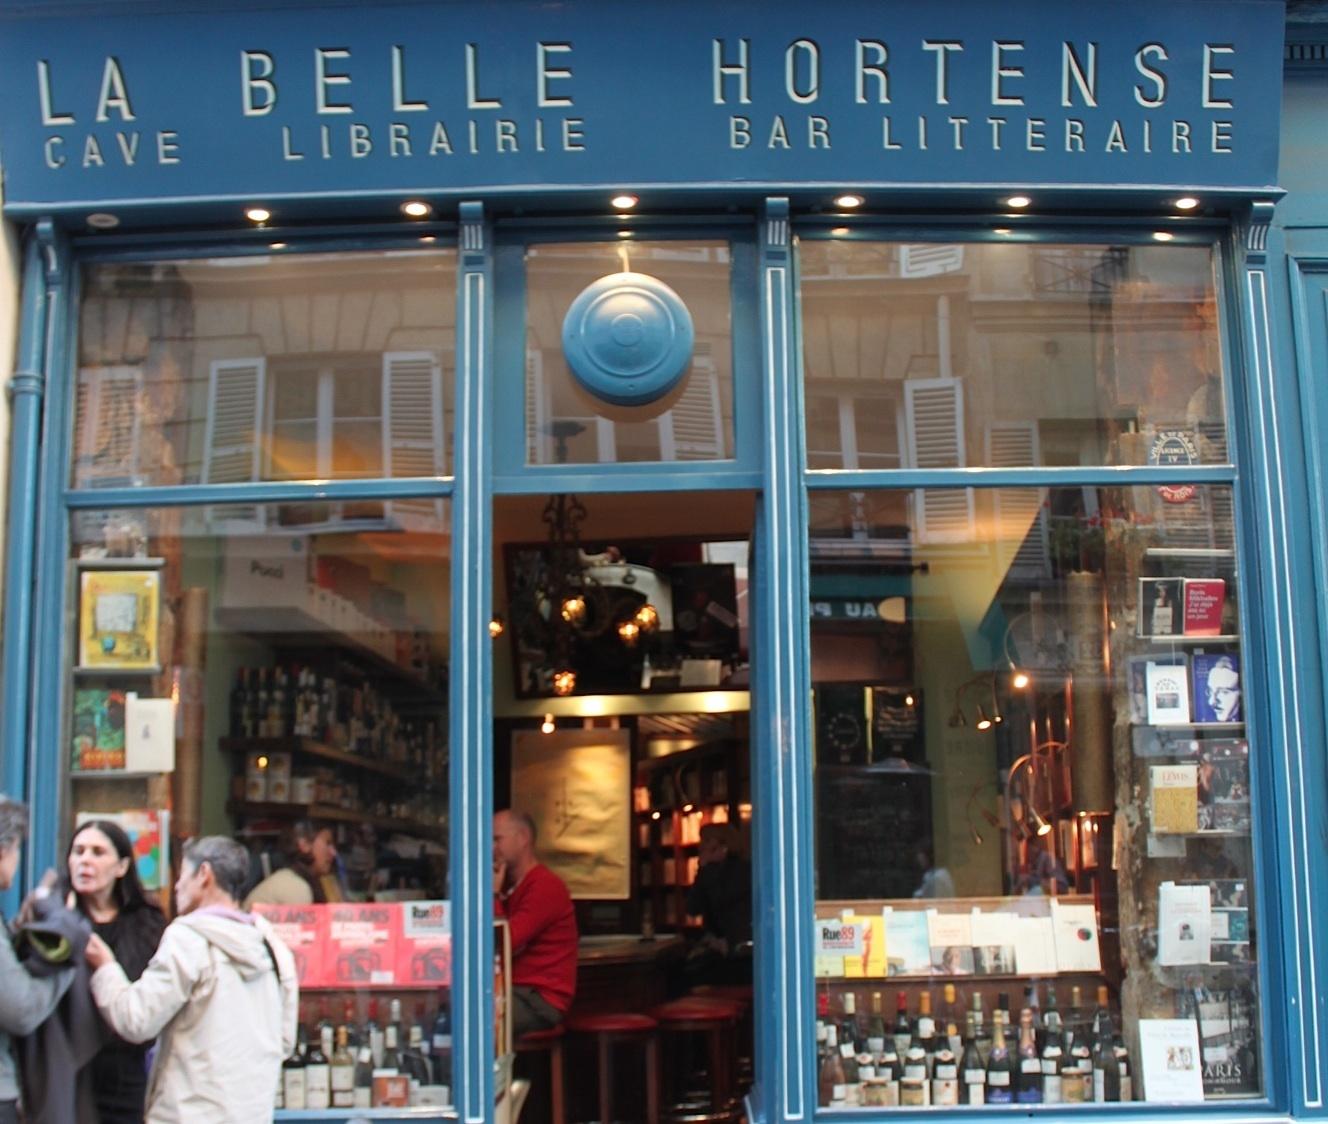 Cave à livres •La Belle Hortense